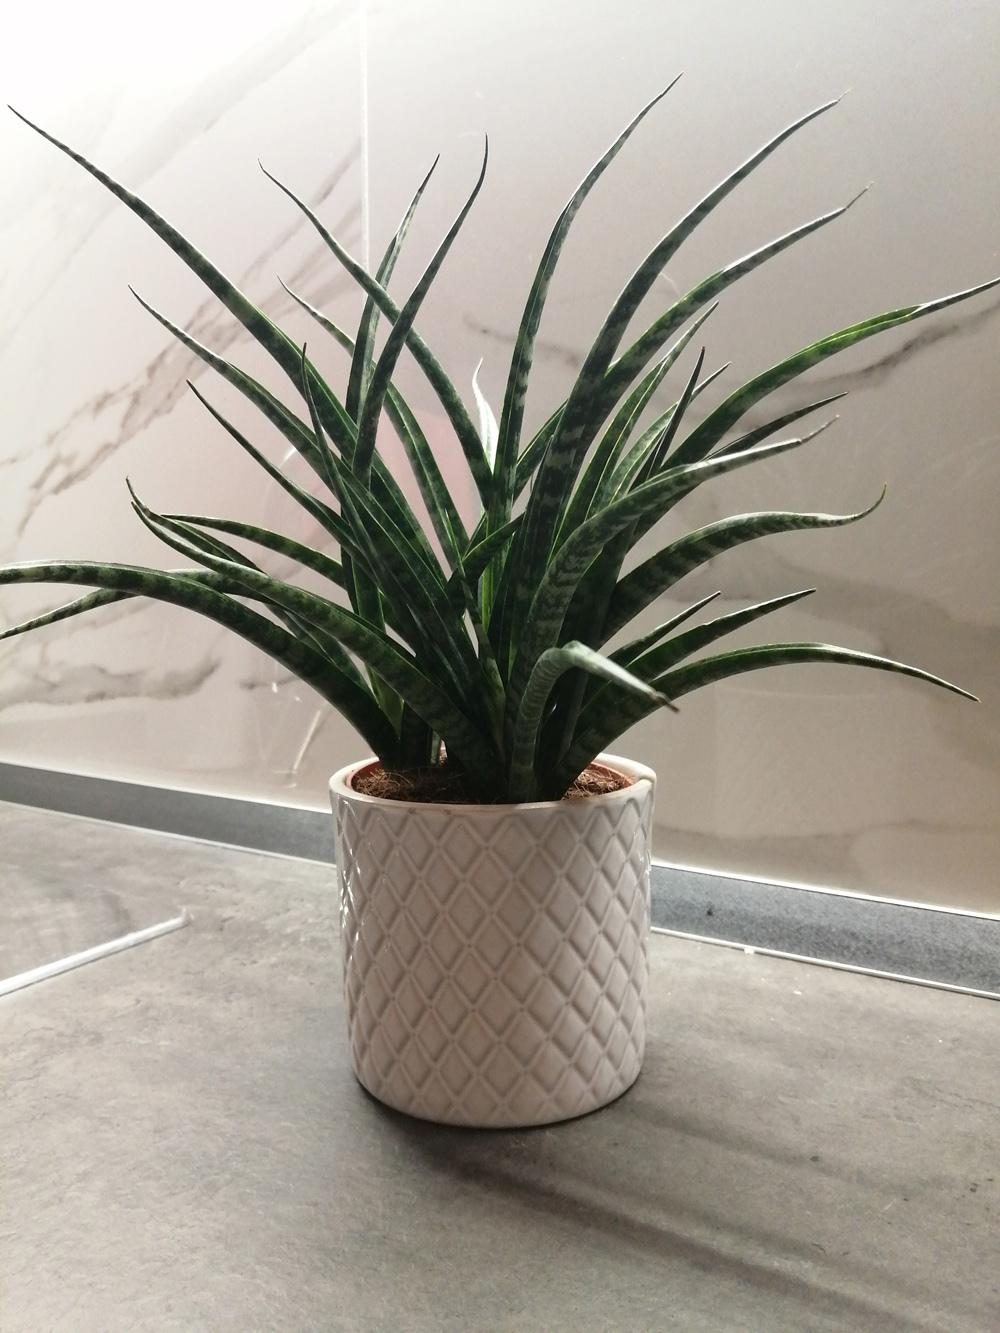 空気清浄効果のこの観葉植物で運気アップ!_c0179785_18443337.jpg